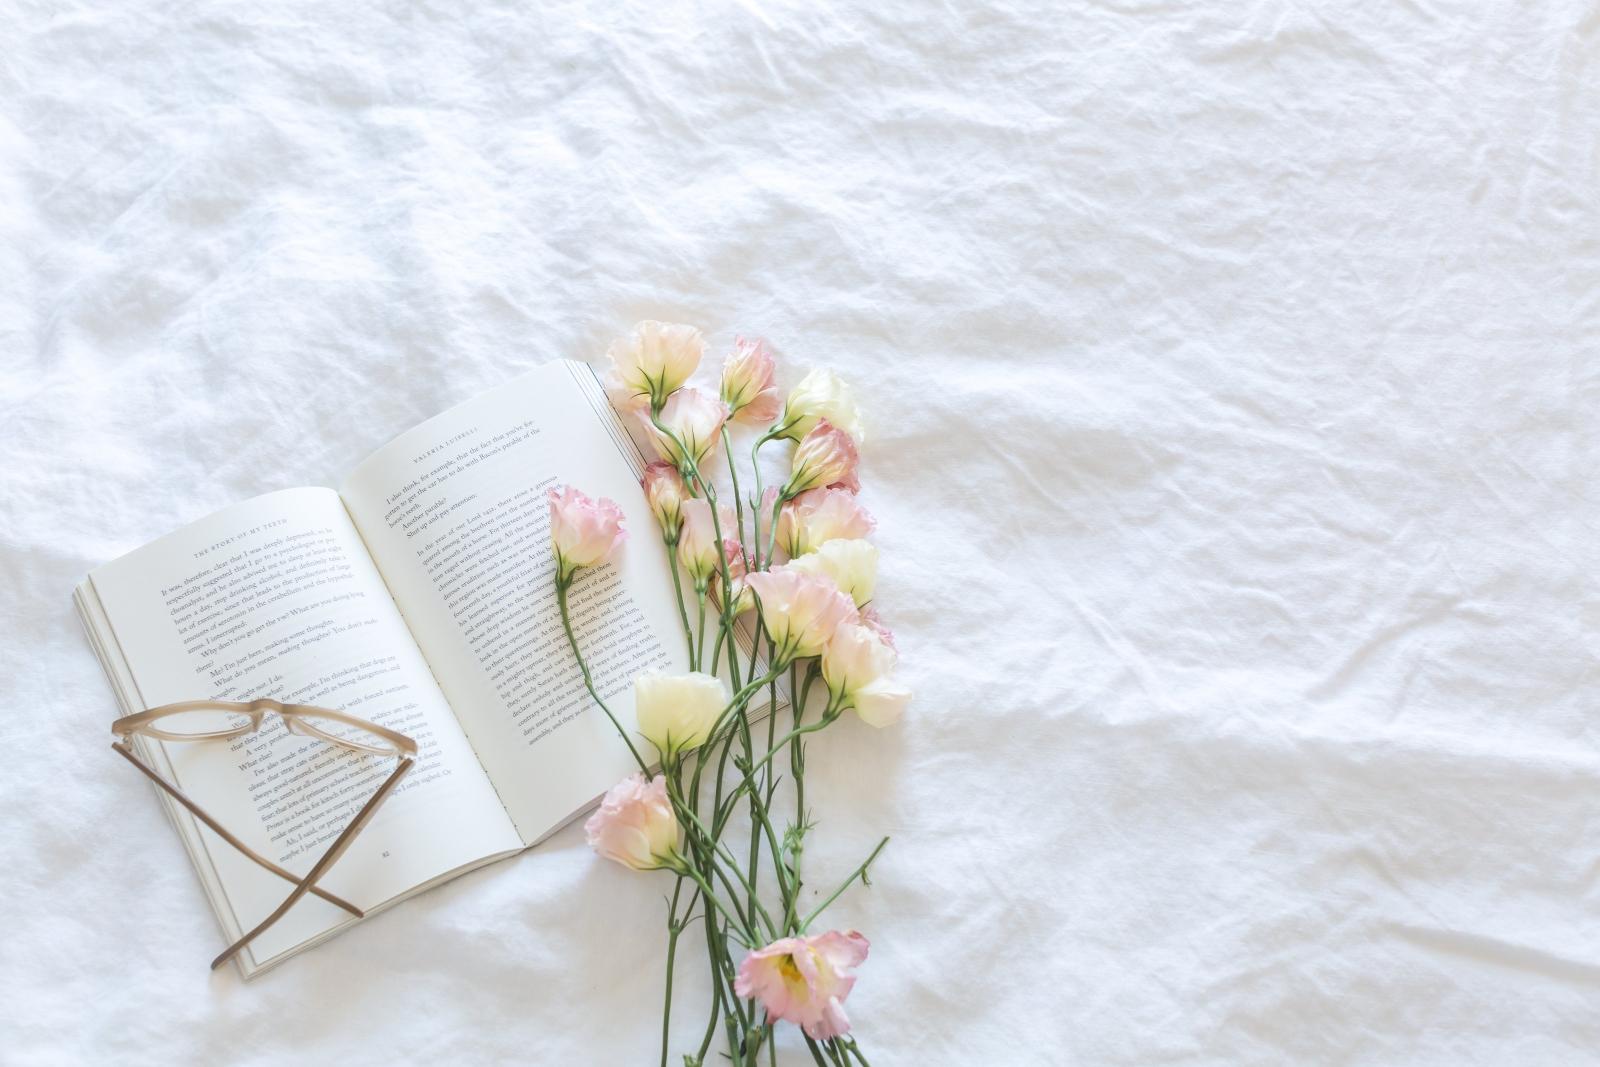 Козирог: хубава книга - Вие сте интелигентни и винаги се наслаждавате на доброто четиво.